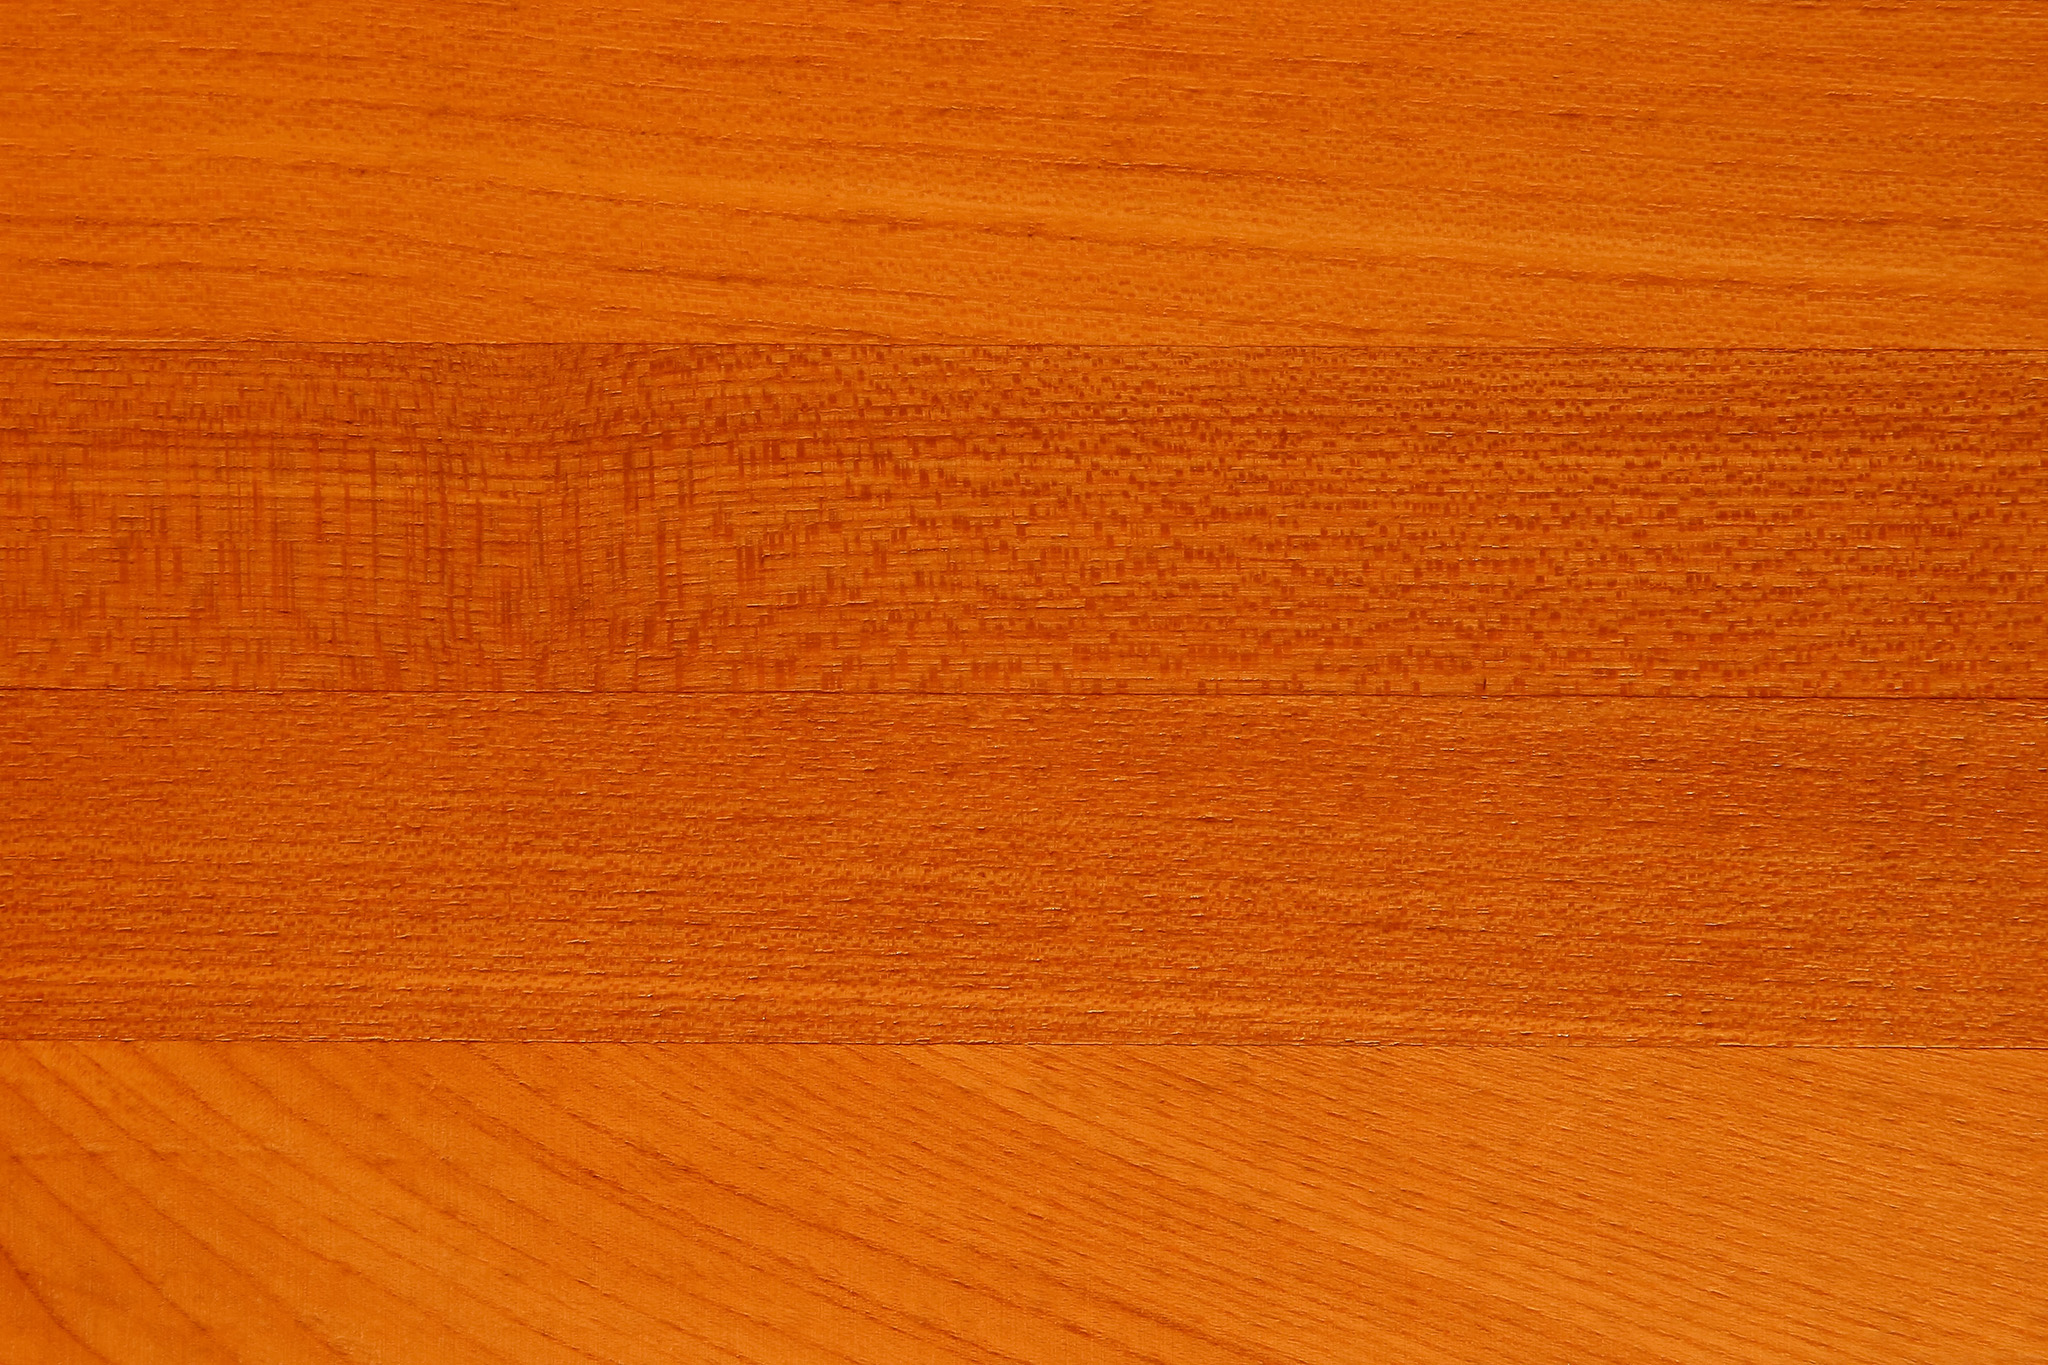 「細かい木目の赤茶色のオーク板」の素材を無料ダウンロード